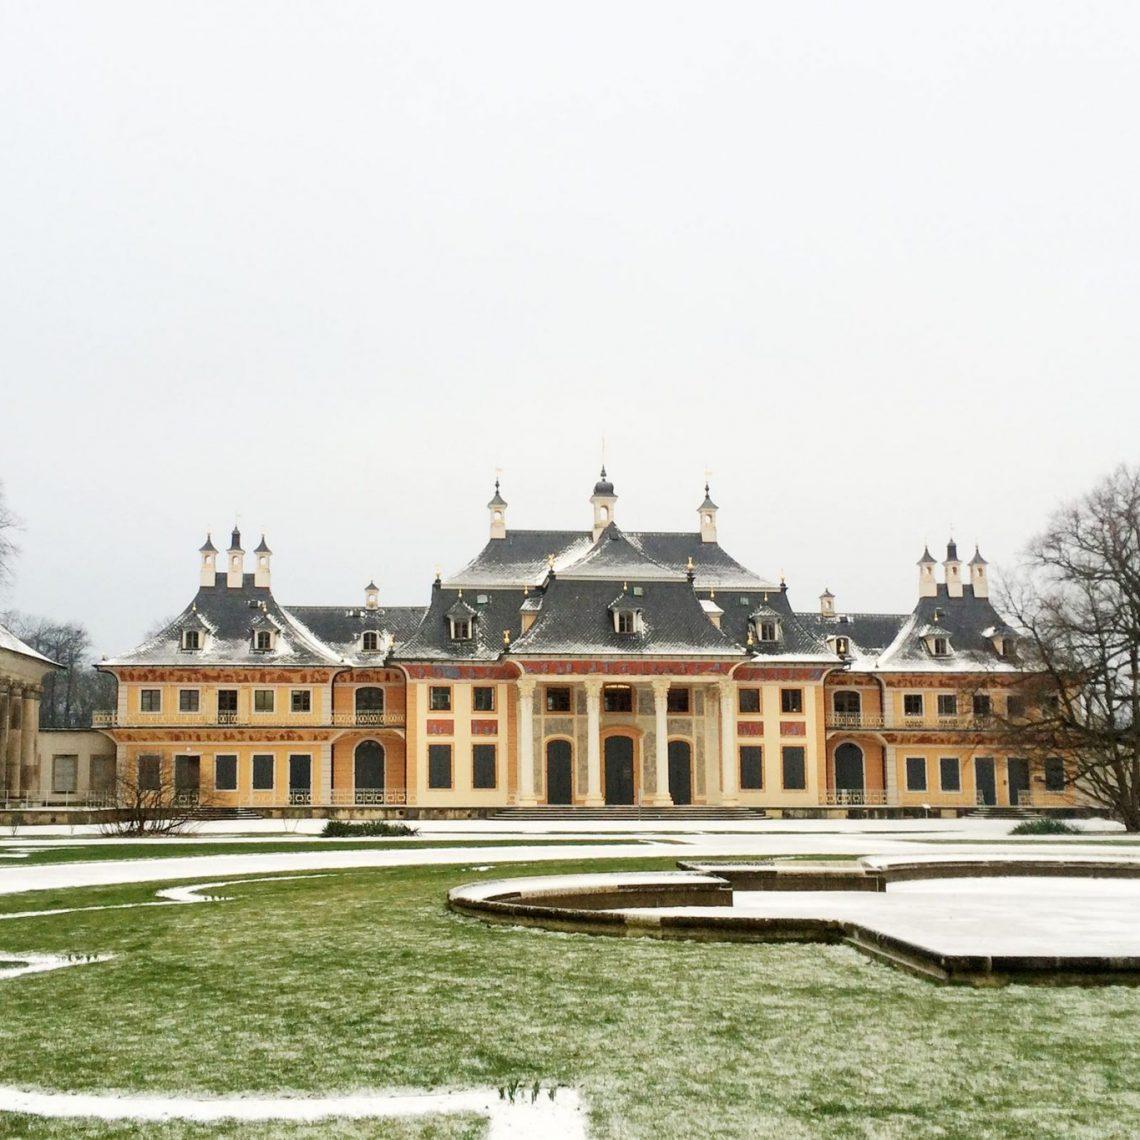 2016_Schloss_Pillnitz_Titelbild@2x